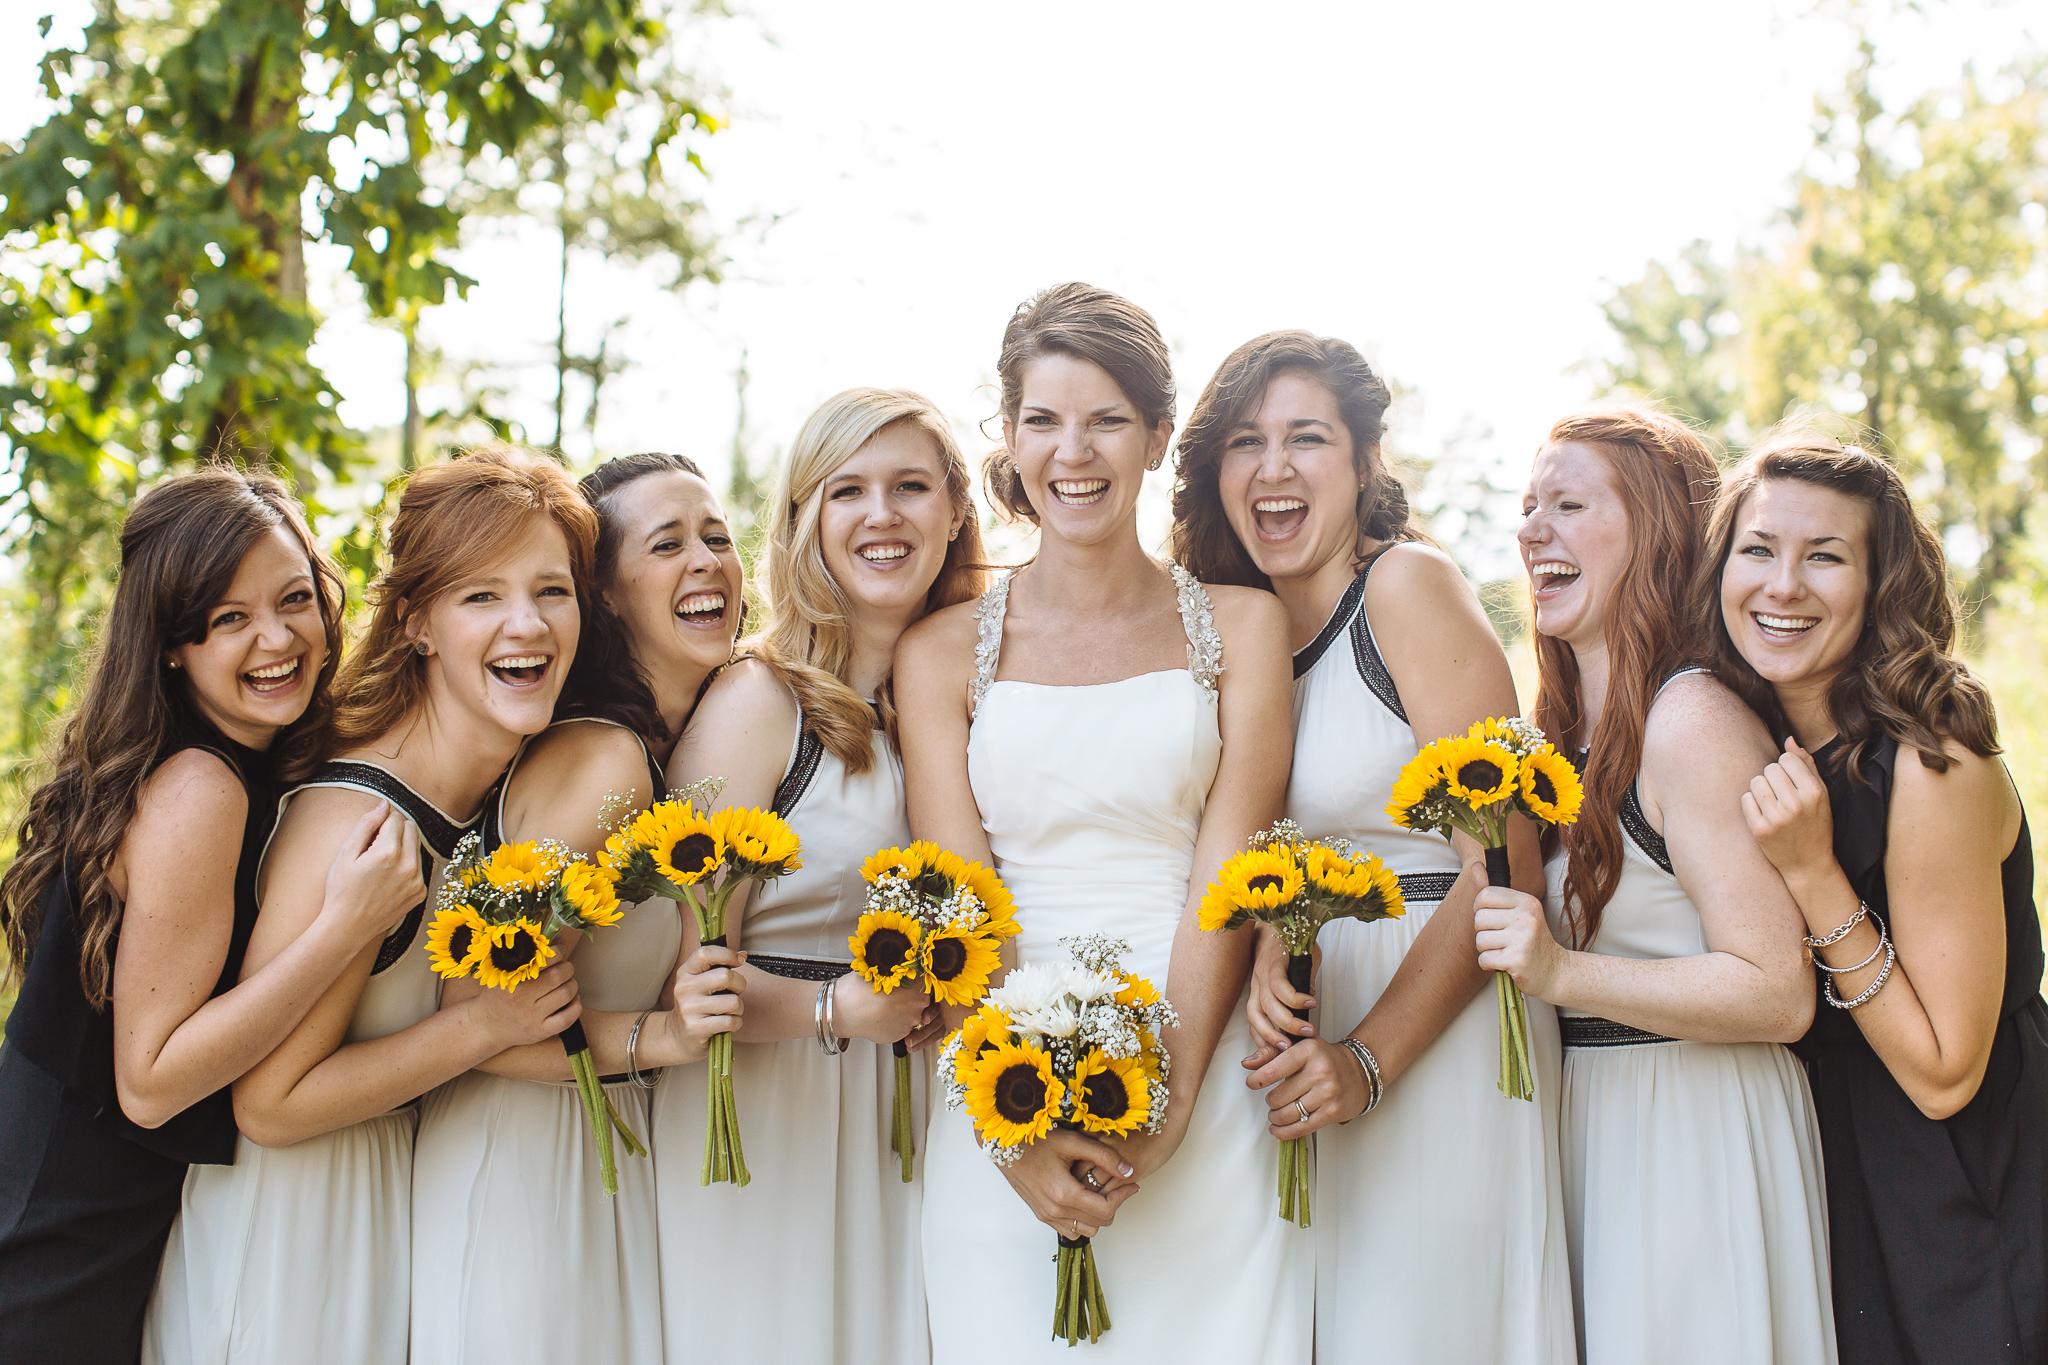 lexington_south_carolina_wedding_photographer_lake_sunflowers_image-93.jpg